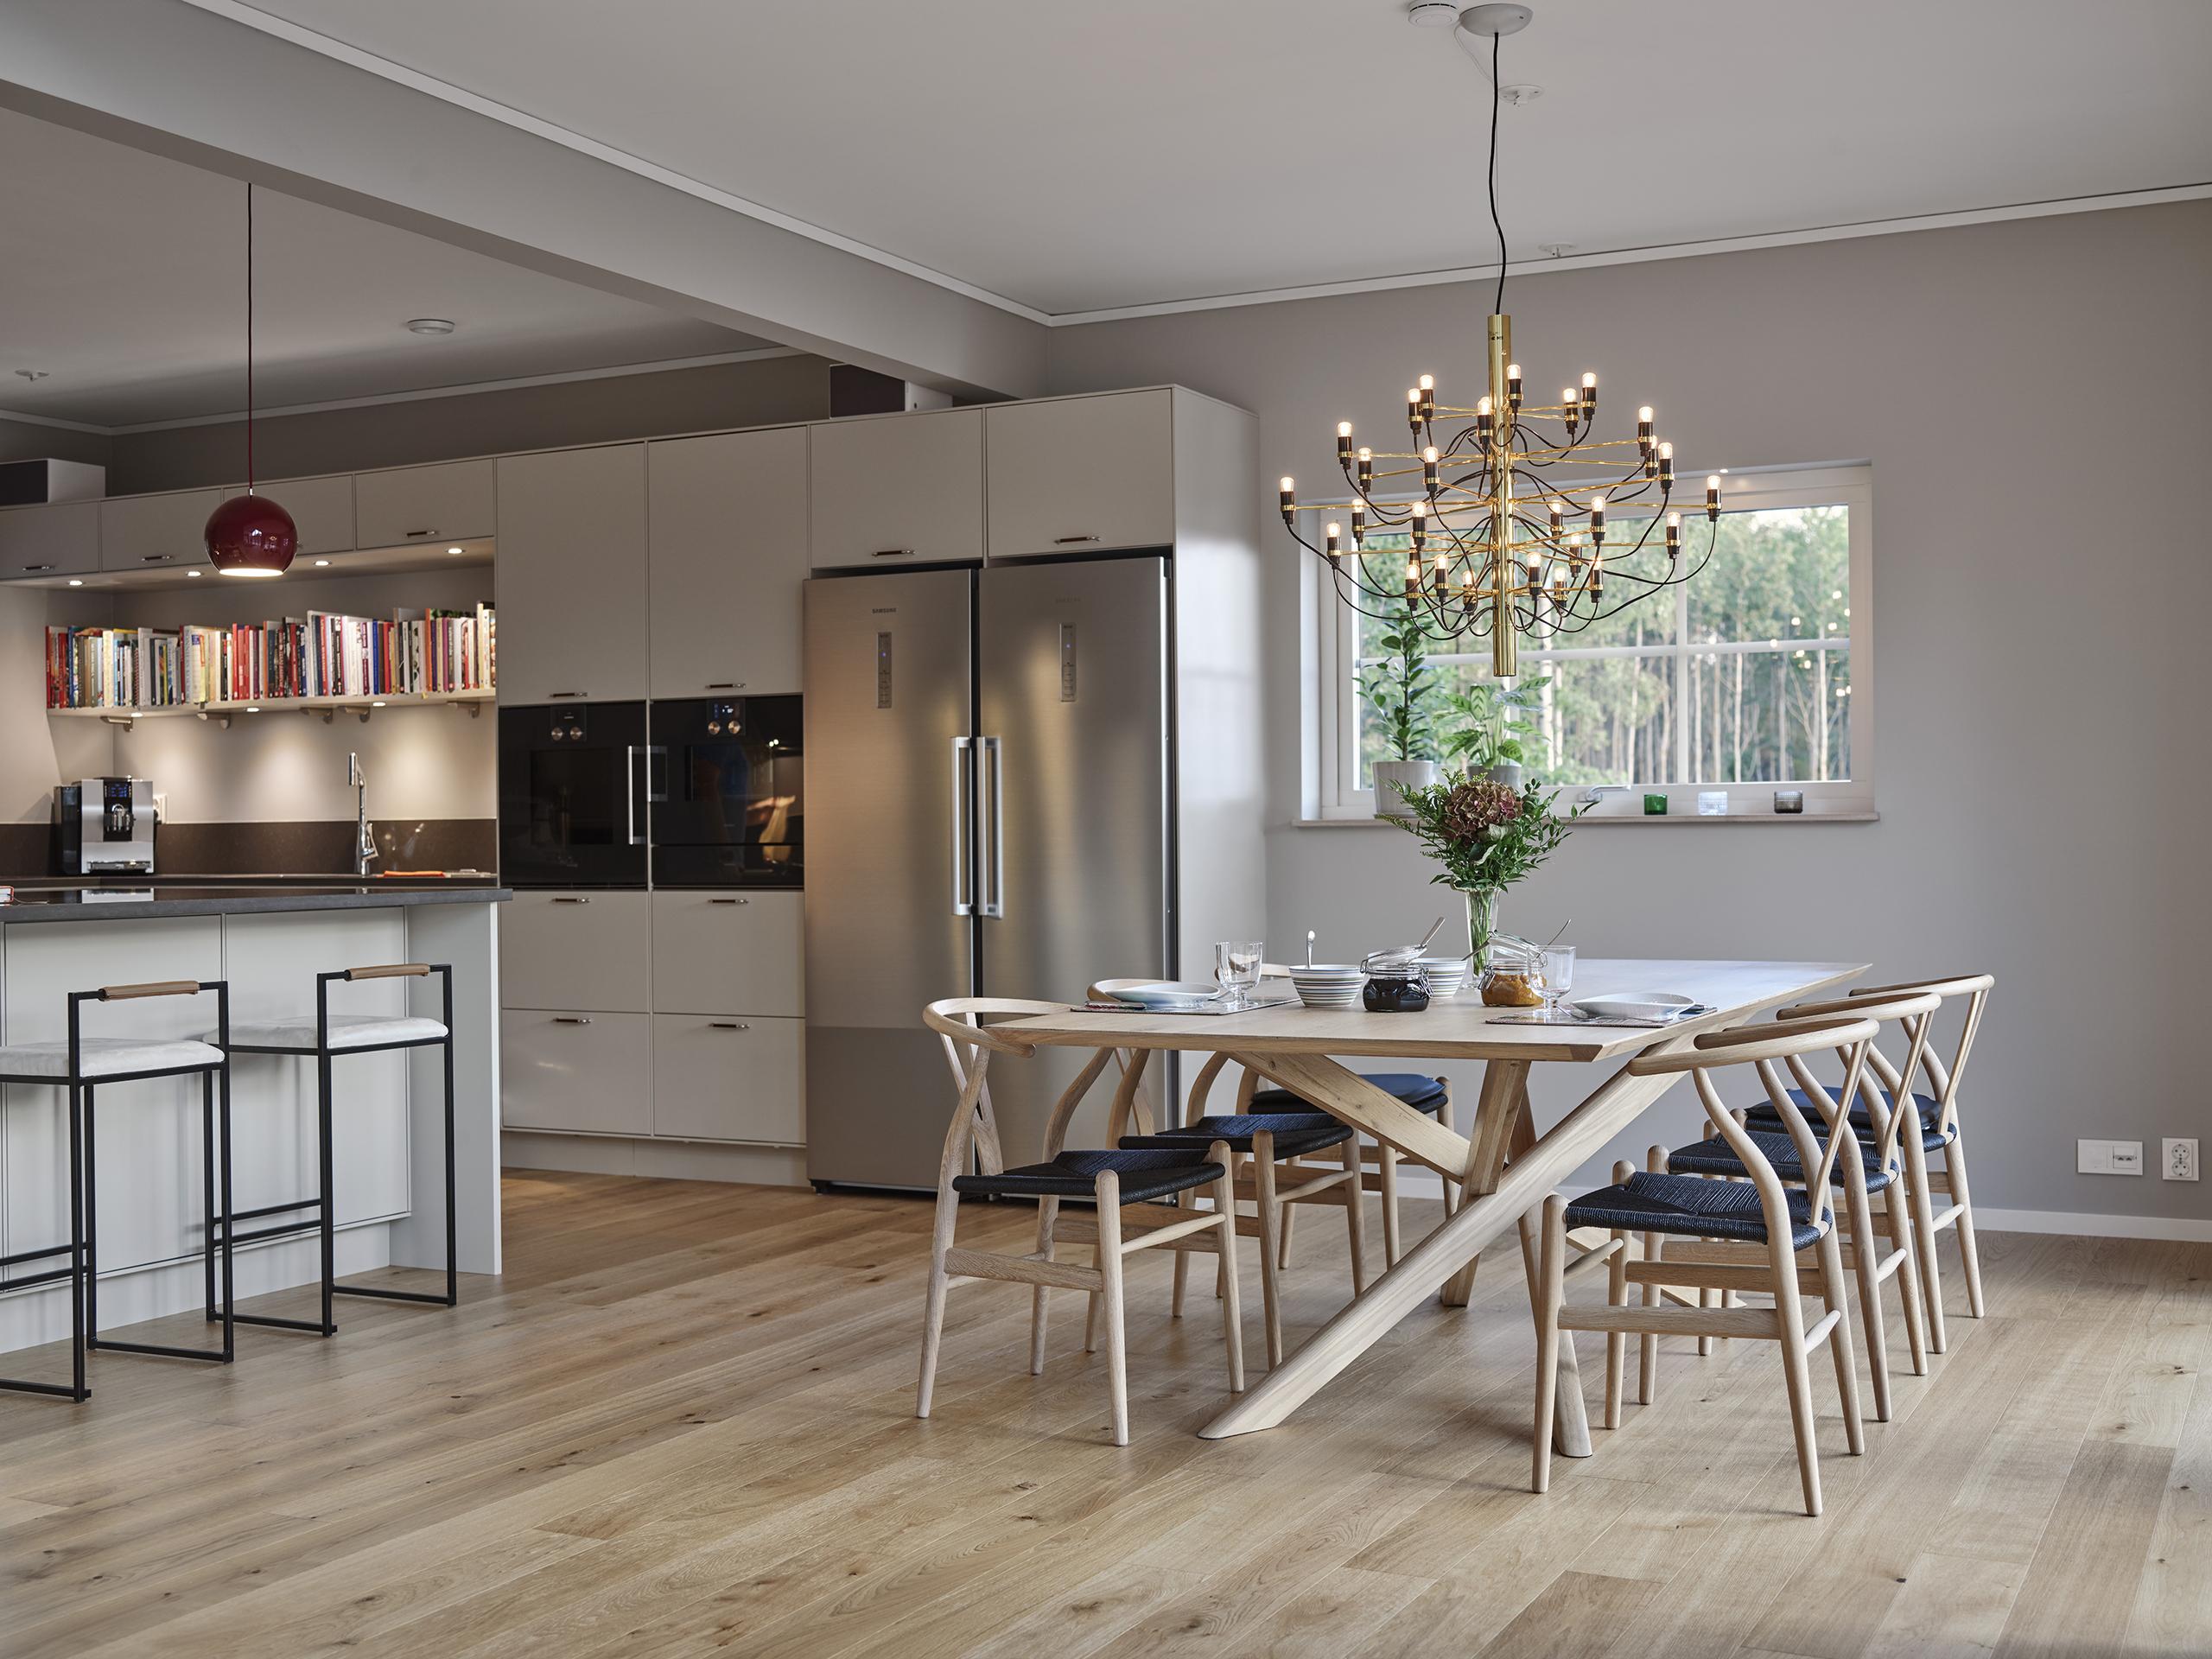 Villa Storsjö från Trivselhus. Perfekt husmodell när du söker en modern villa med mycket rymd.